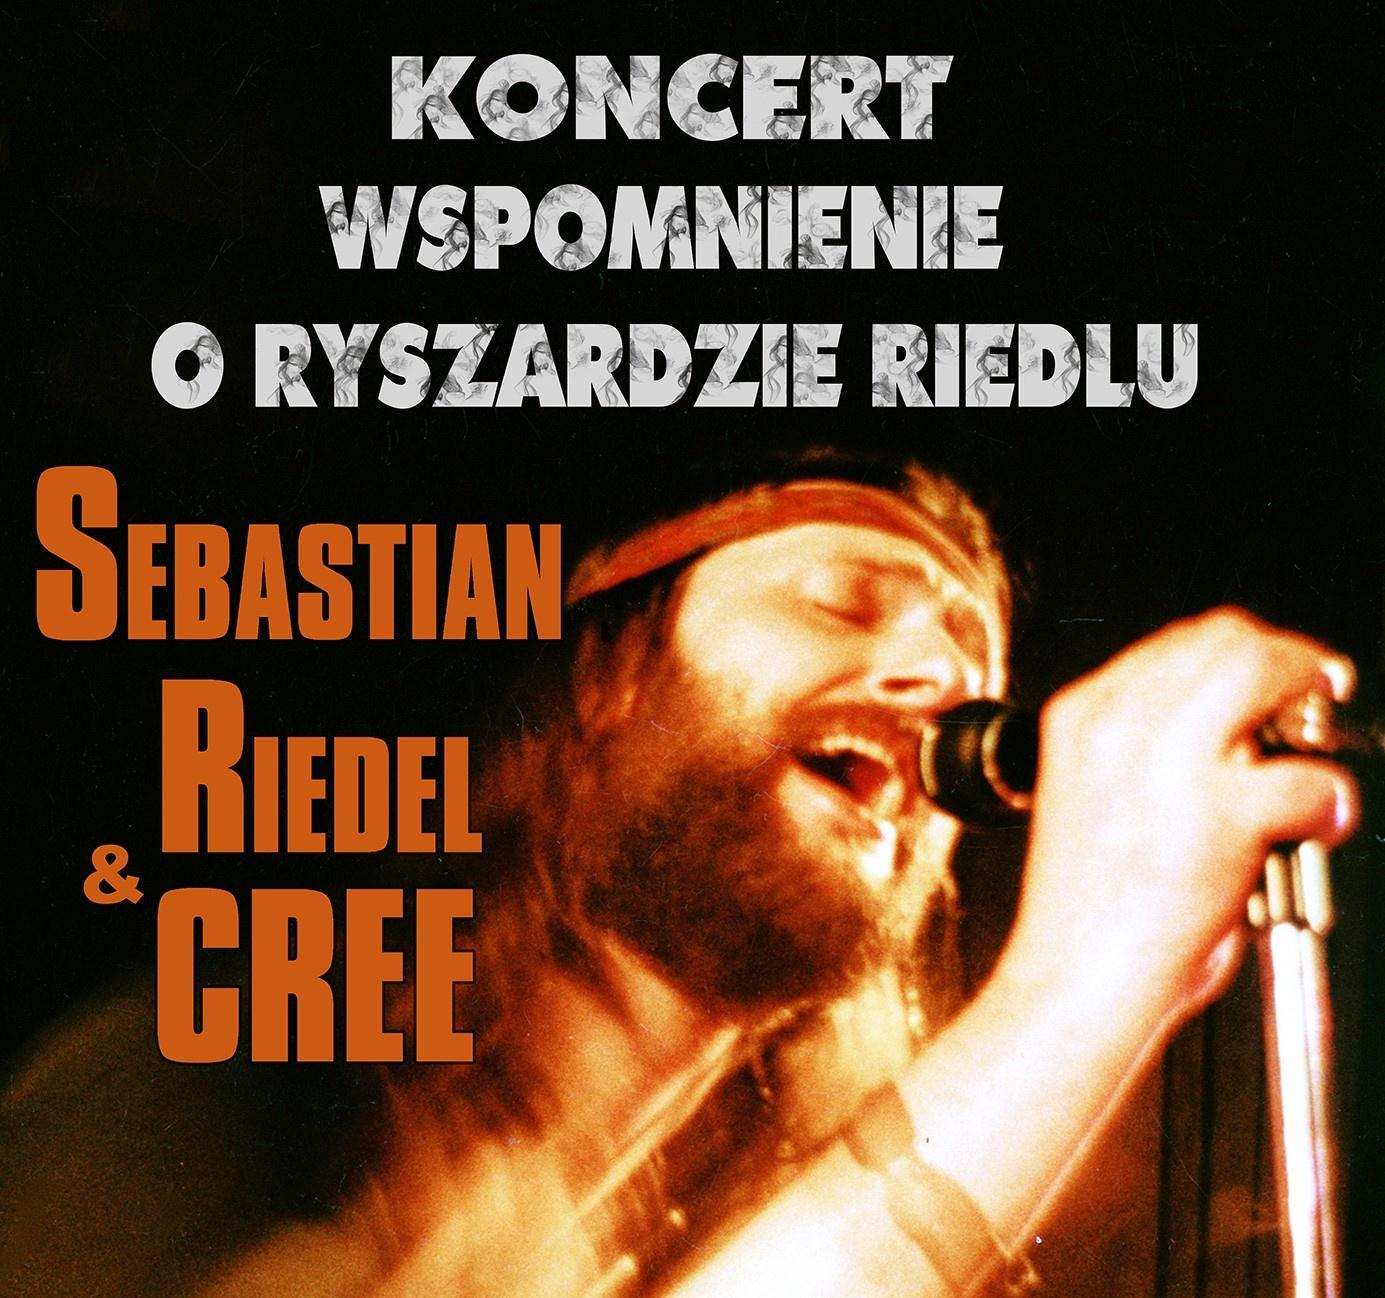 Koncert - Wspomnienie o Ryszardzie Riedlu - Sebastian Riedel & Cree